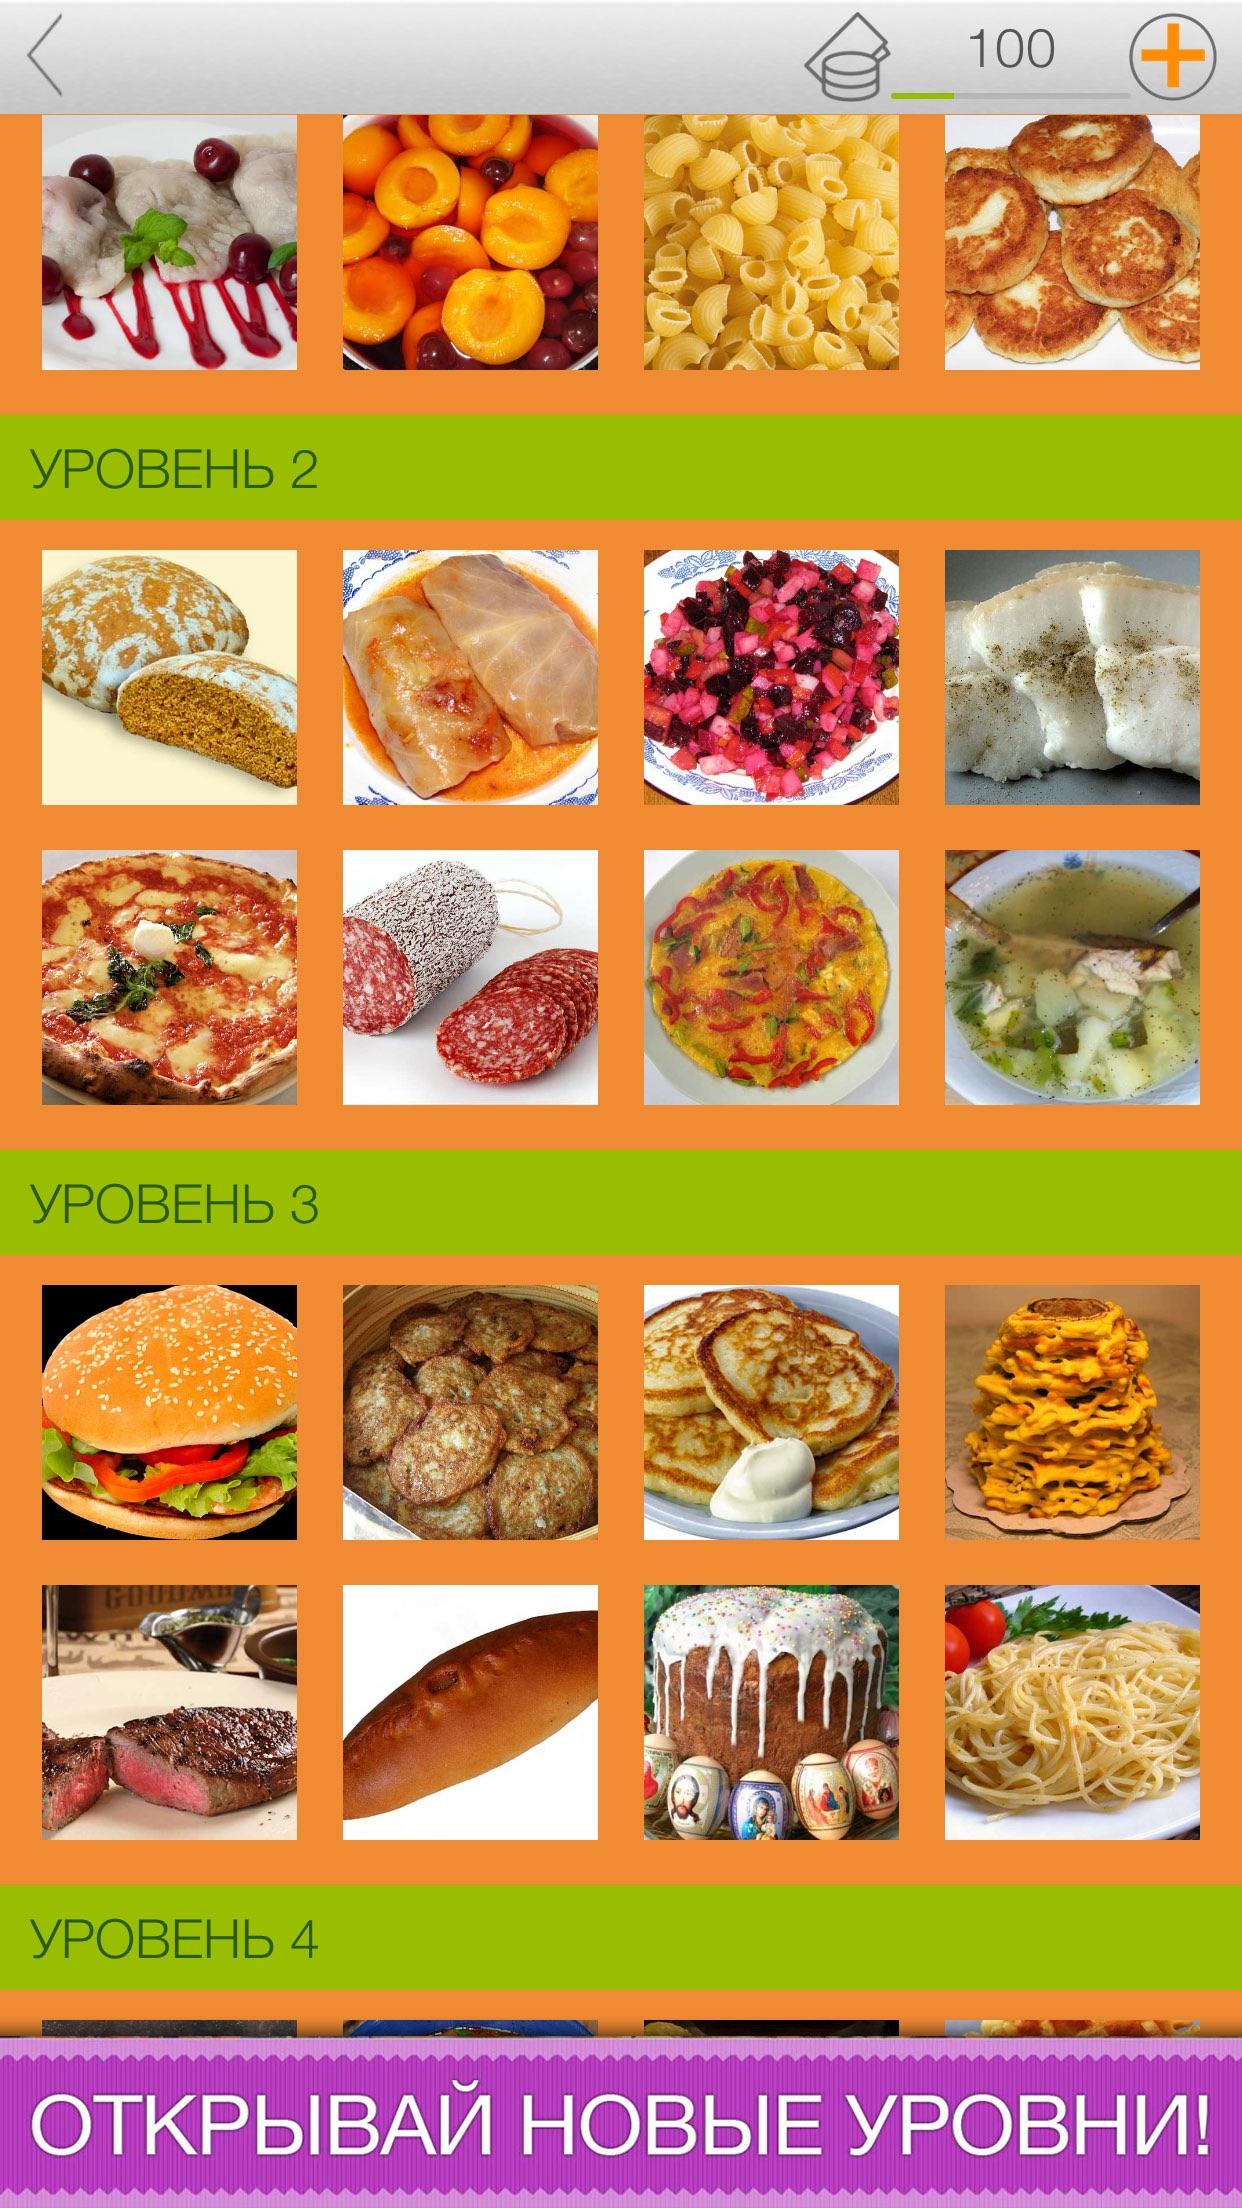 Кулинарная викторина. Еда мира Screenshot